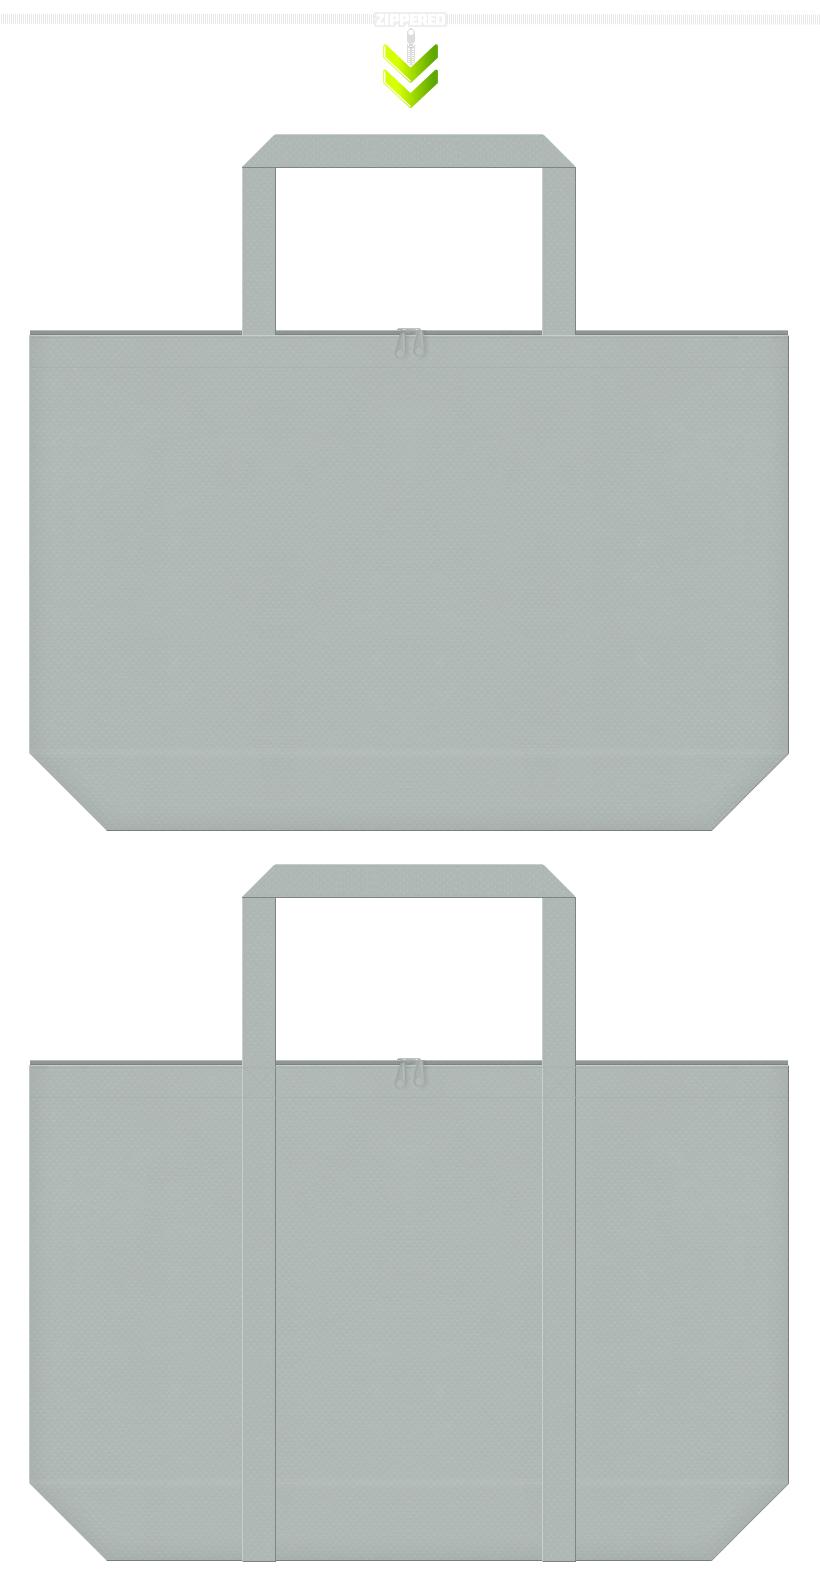 ファスナー付きのグレー色不織布バッグをオリジナルで制作できます。